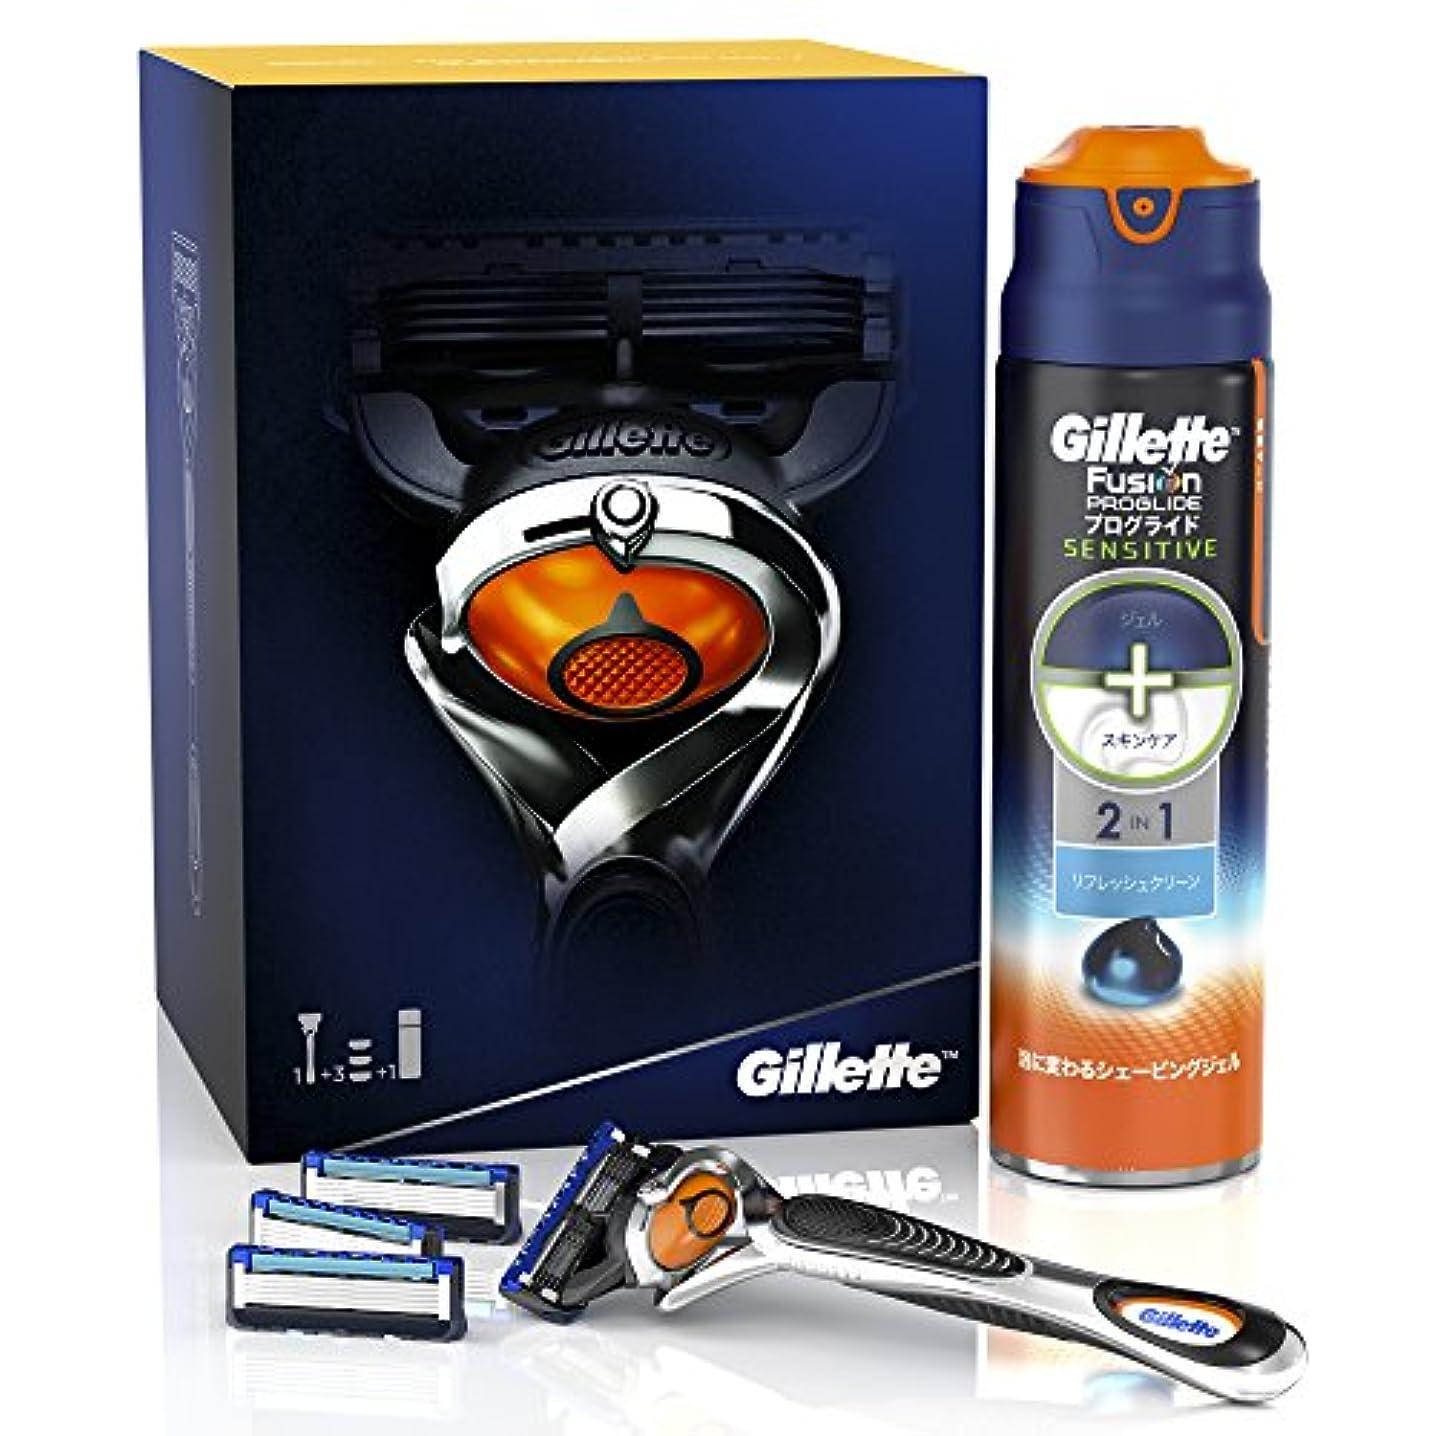 提案半径伝えるジレット 髭剃りプログライドギフトセット (マニュアルホルダー+ 替刃3個 + ジェルフォーム リフレッシュクリーン 168g)